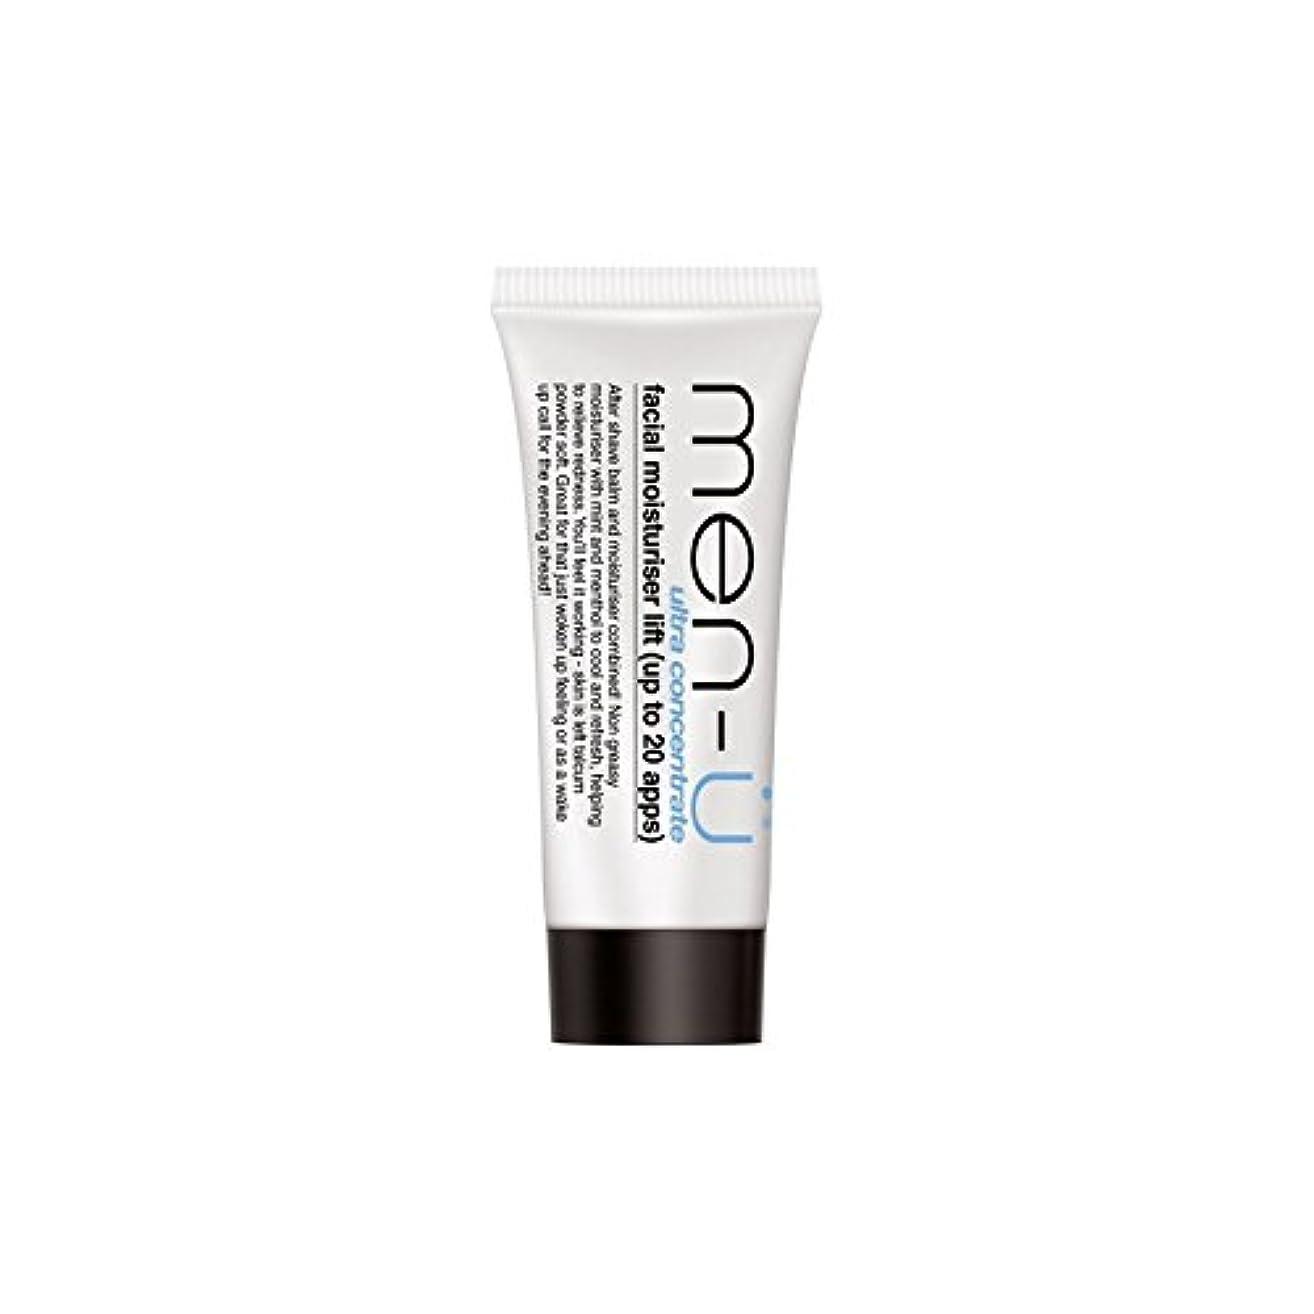 醜いおなかがすいたパッケージ男性-のバディ顔の保湿剤のリフトチューブ(15ミリリットル) x4 - Men-? Buddy Facial Moisturiser Lift Tube (15ml) (Pack of 4) [並行輸入品]